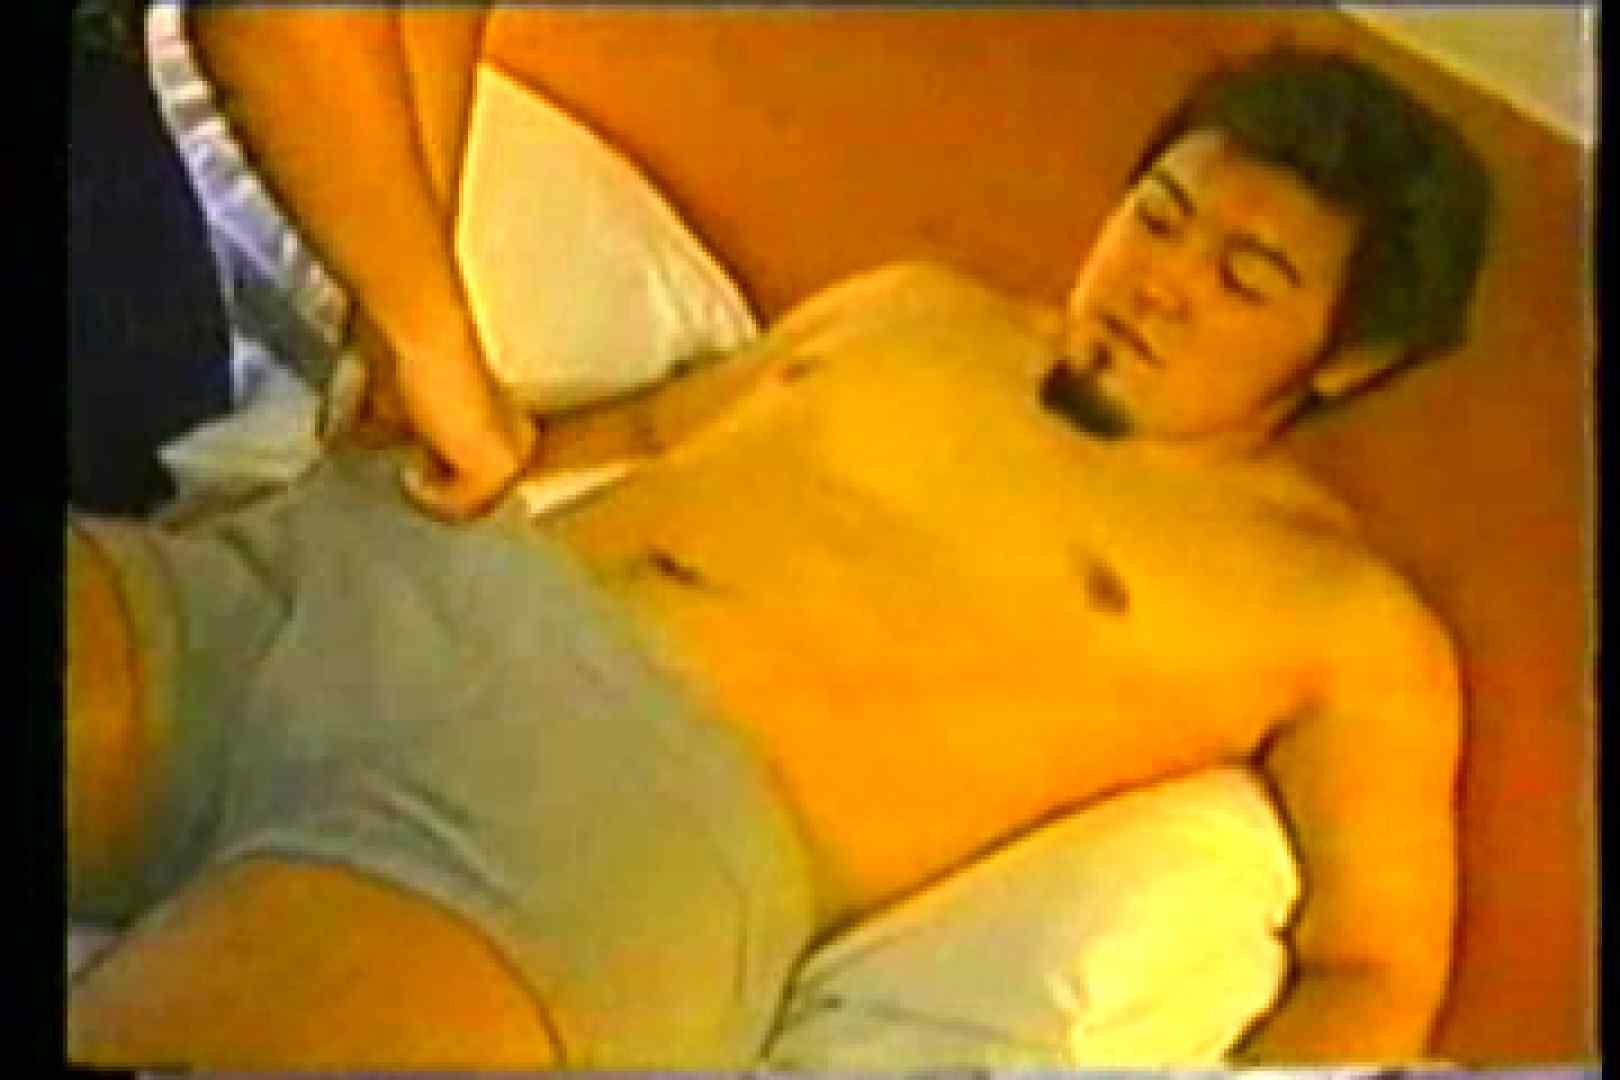 『ノンケ・スポーツマンシップとは・・・! ! 』 第9戦 キン肉 ゲイエロビデオ画像 81枚 32